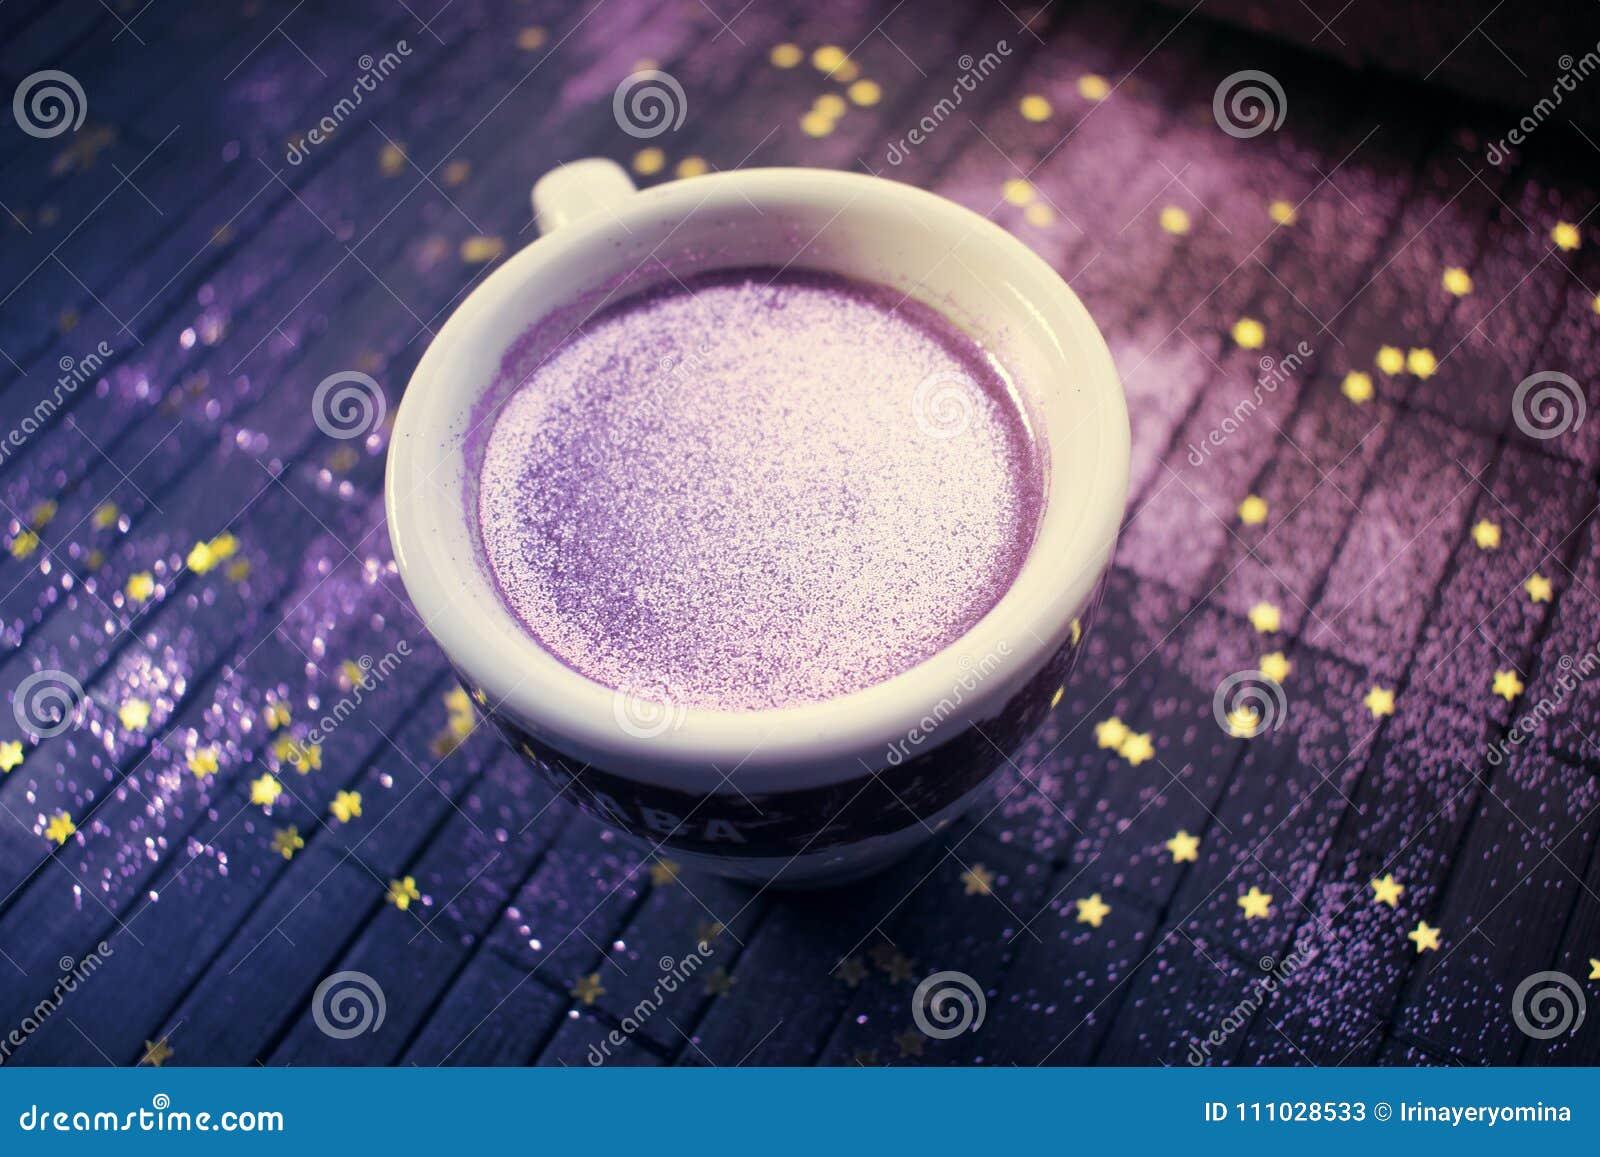 Taza De Cafe Con Brillo Purpura En Fondo Oscuro Con De Oro Imagen De Archivo Imagen De Taza Fondo 111028533